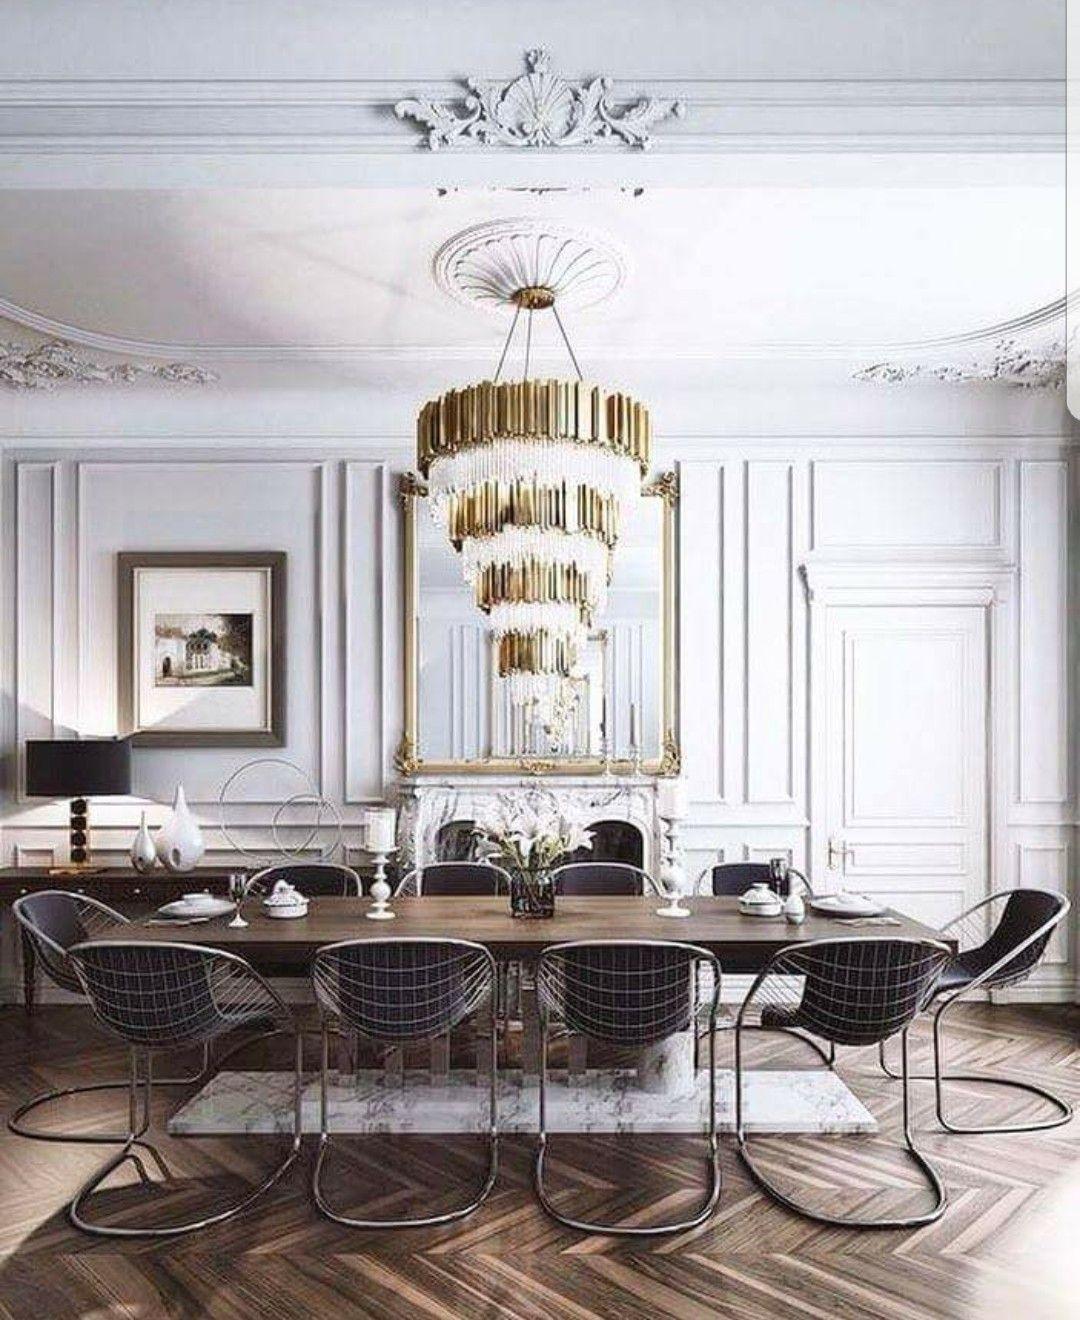 Modern Chairs In Formal Dining Room Credit Kraftek Studio